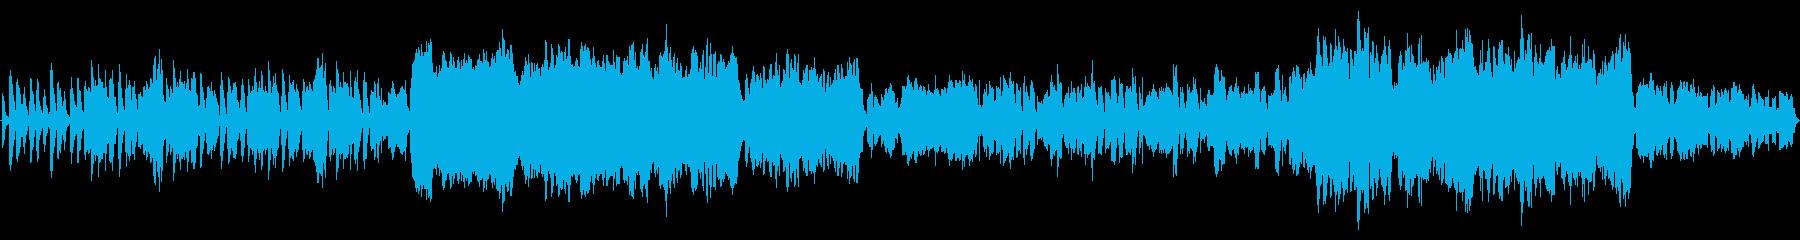 民族音楽風のBGMの再生済みの波形